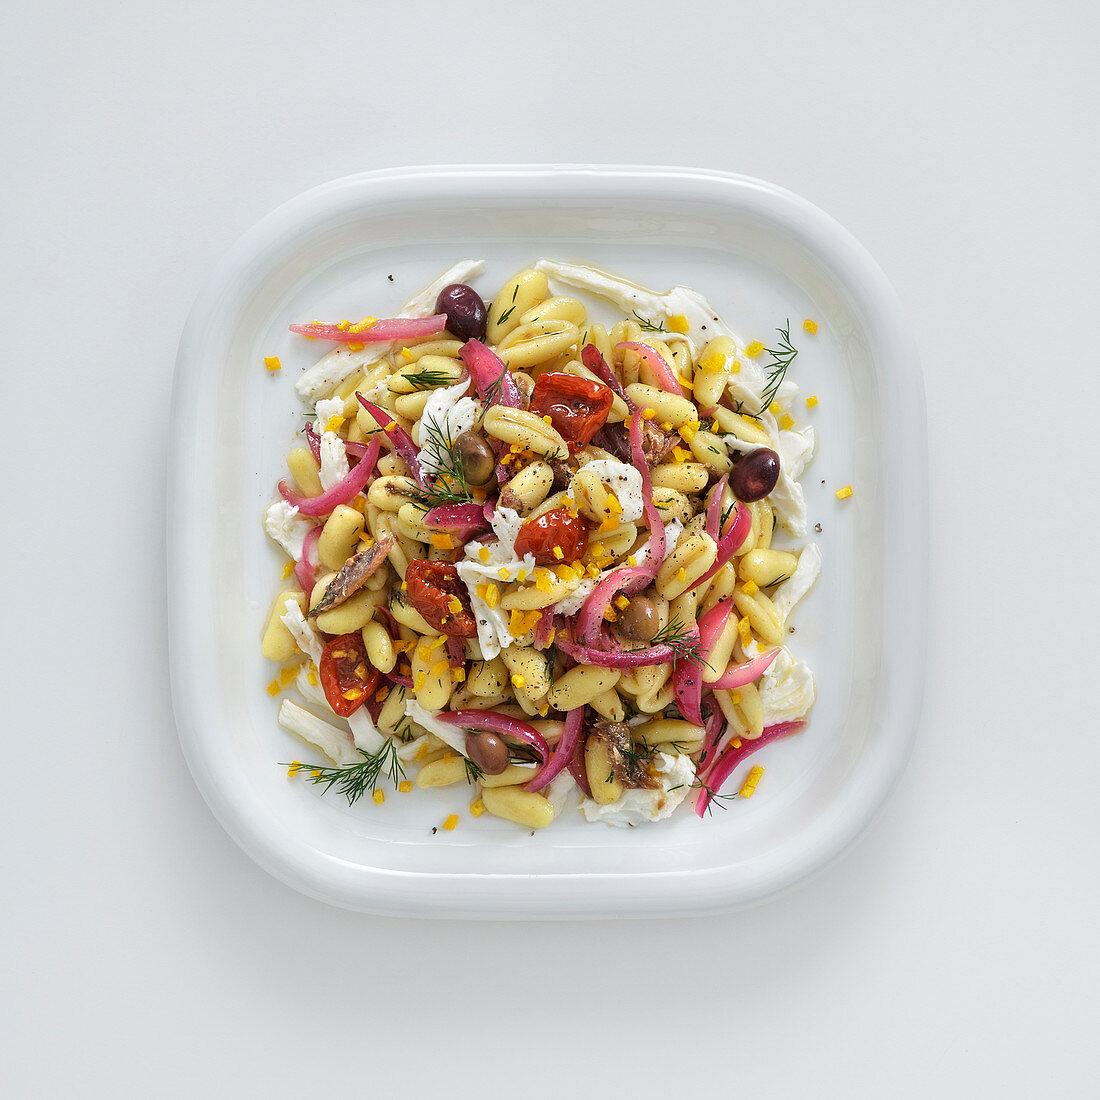 Cavatelli con cipolle rosse e acciughe (Nudeln mit roten Zwiebeln und Anchovis, Italien)